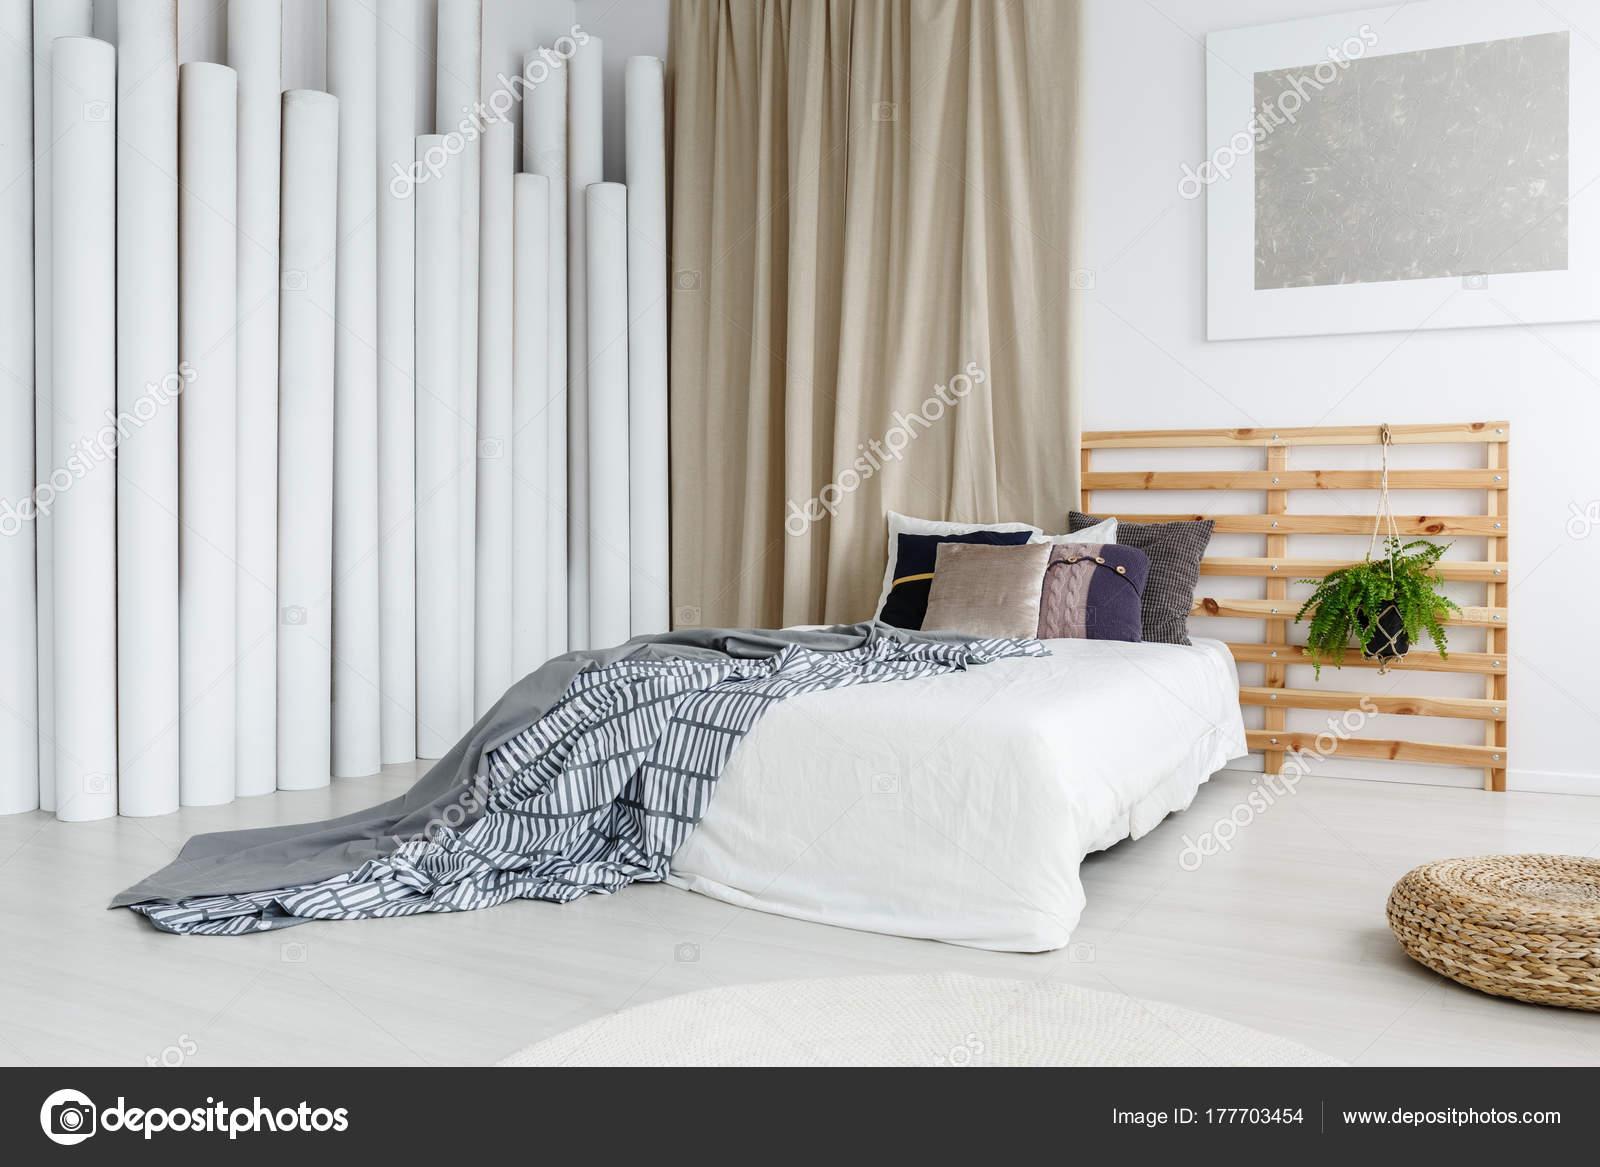 Zilveren schilderij in geavanceerde slaapkamer — Stockfoto ...